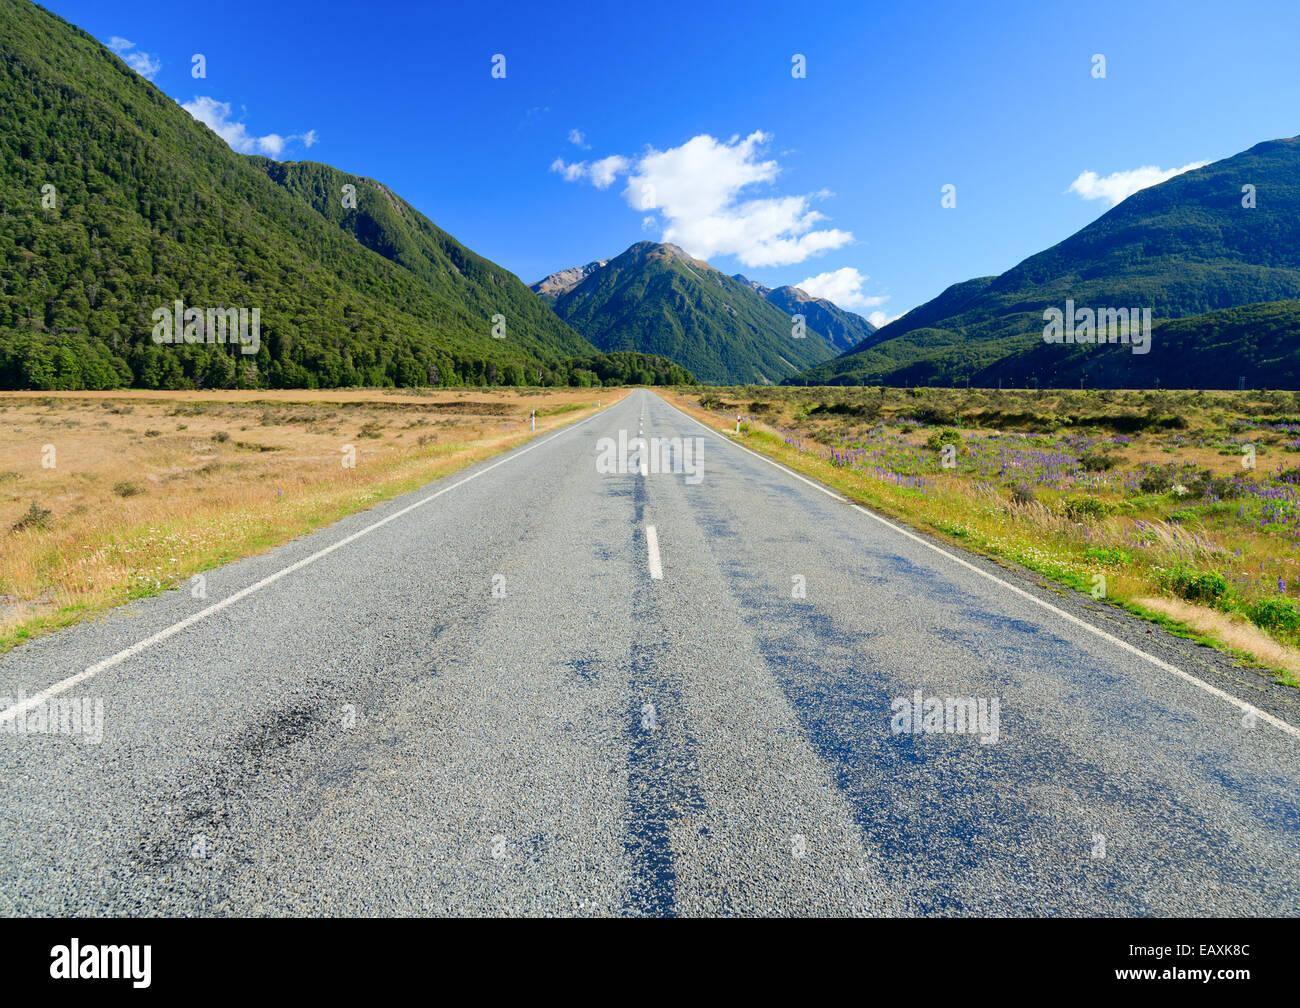 Pintoresca carretera de montaña en los Alpes del sur de la Isla del Sur de Nueva Zelanda Foto de stock